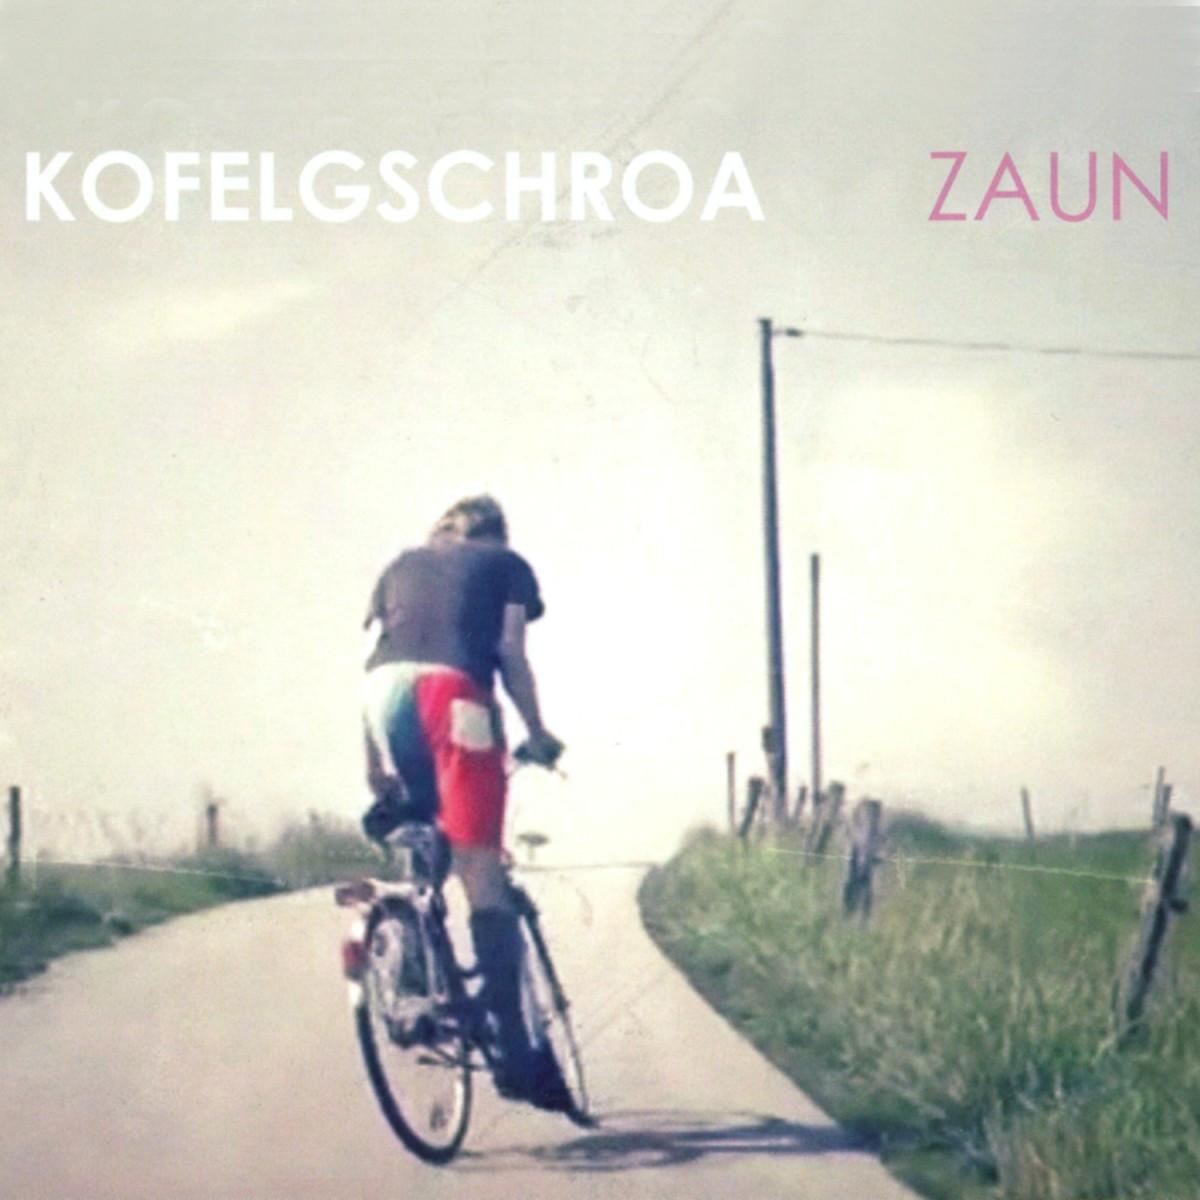 Kofelgschroa: Zaun (2014)